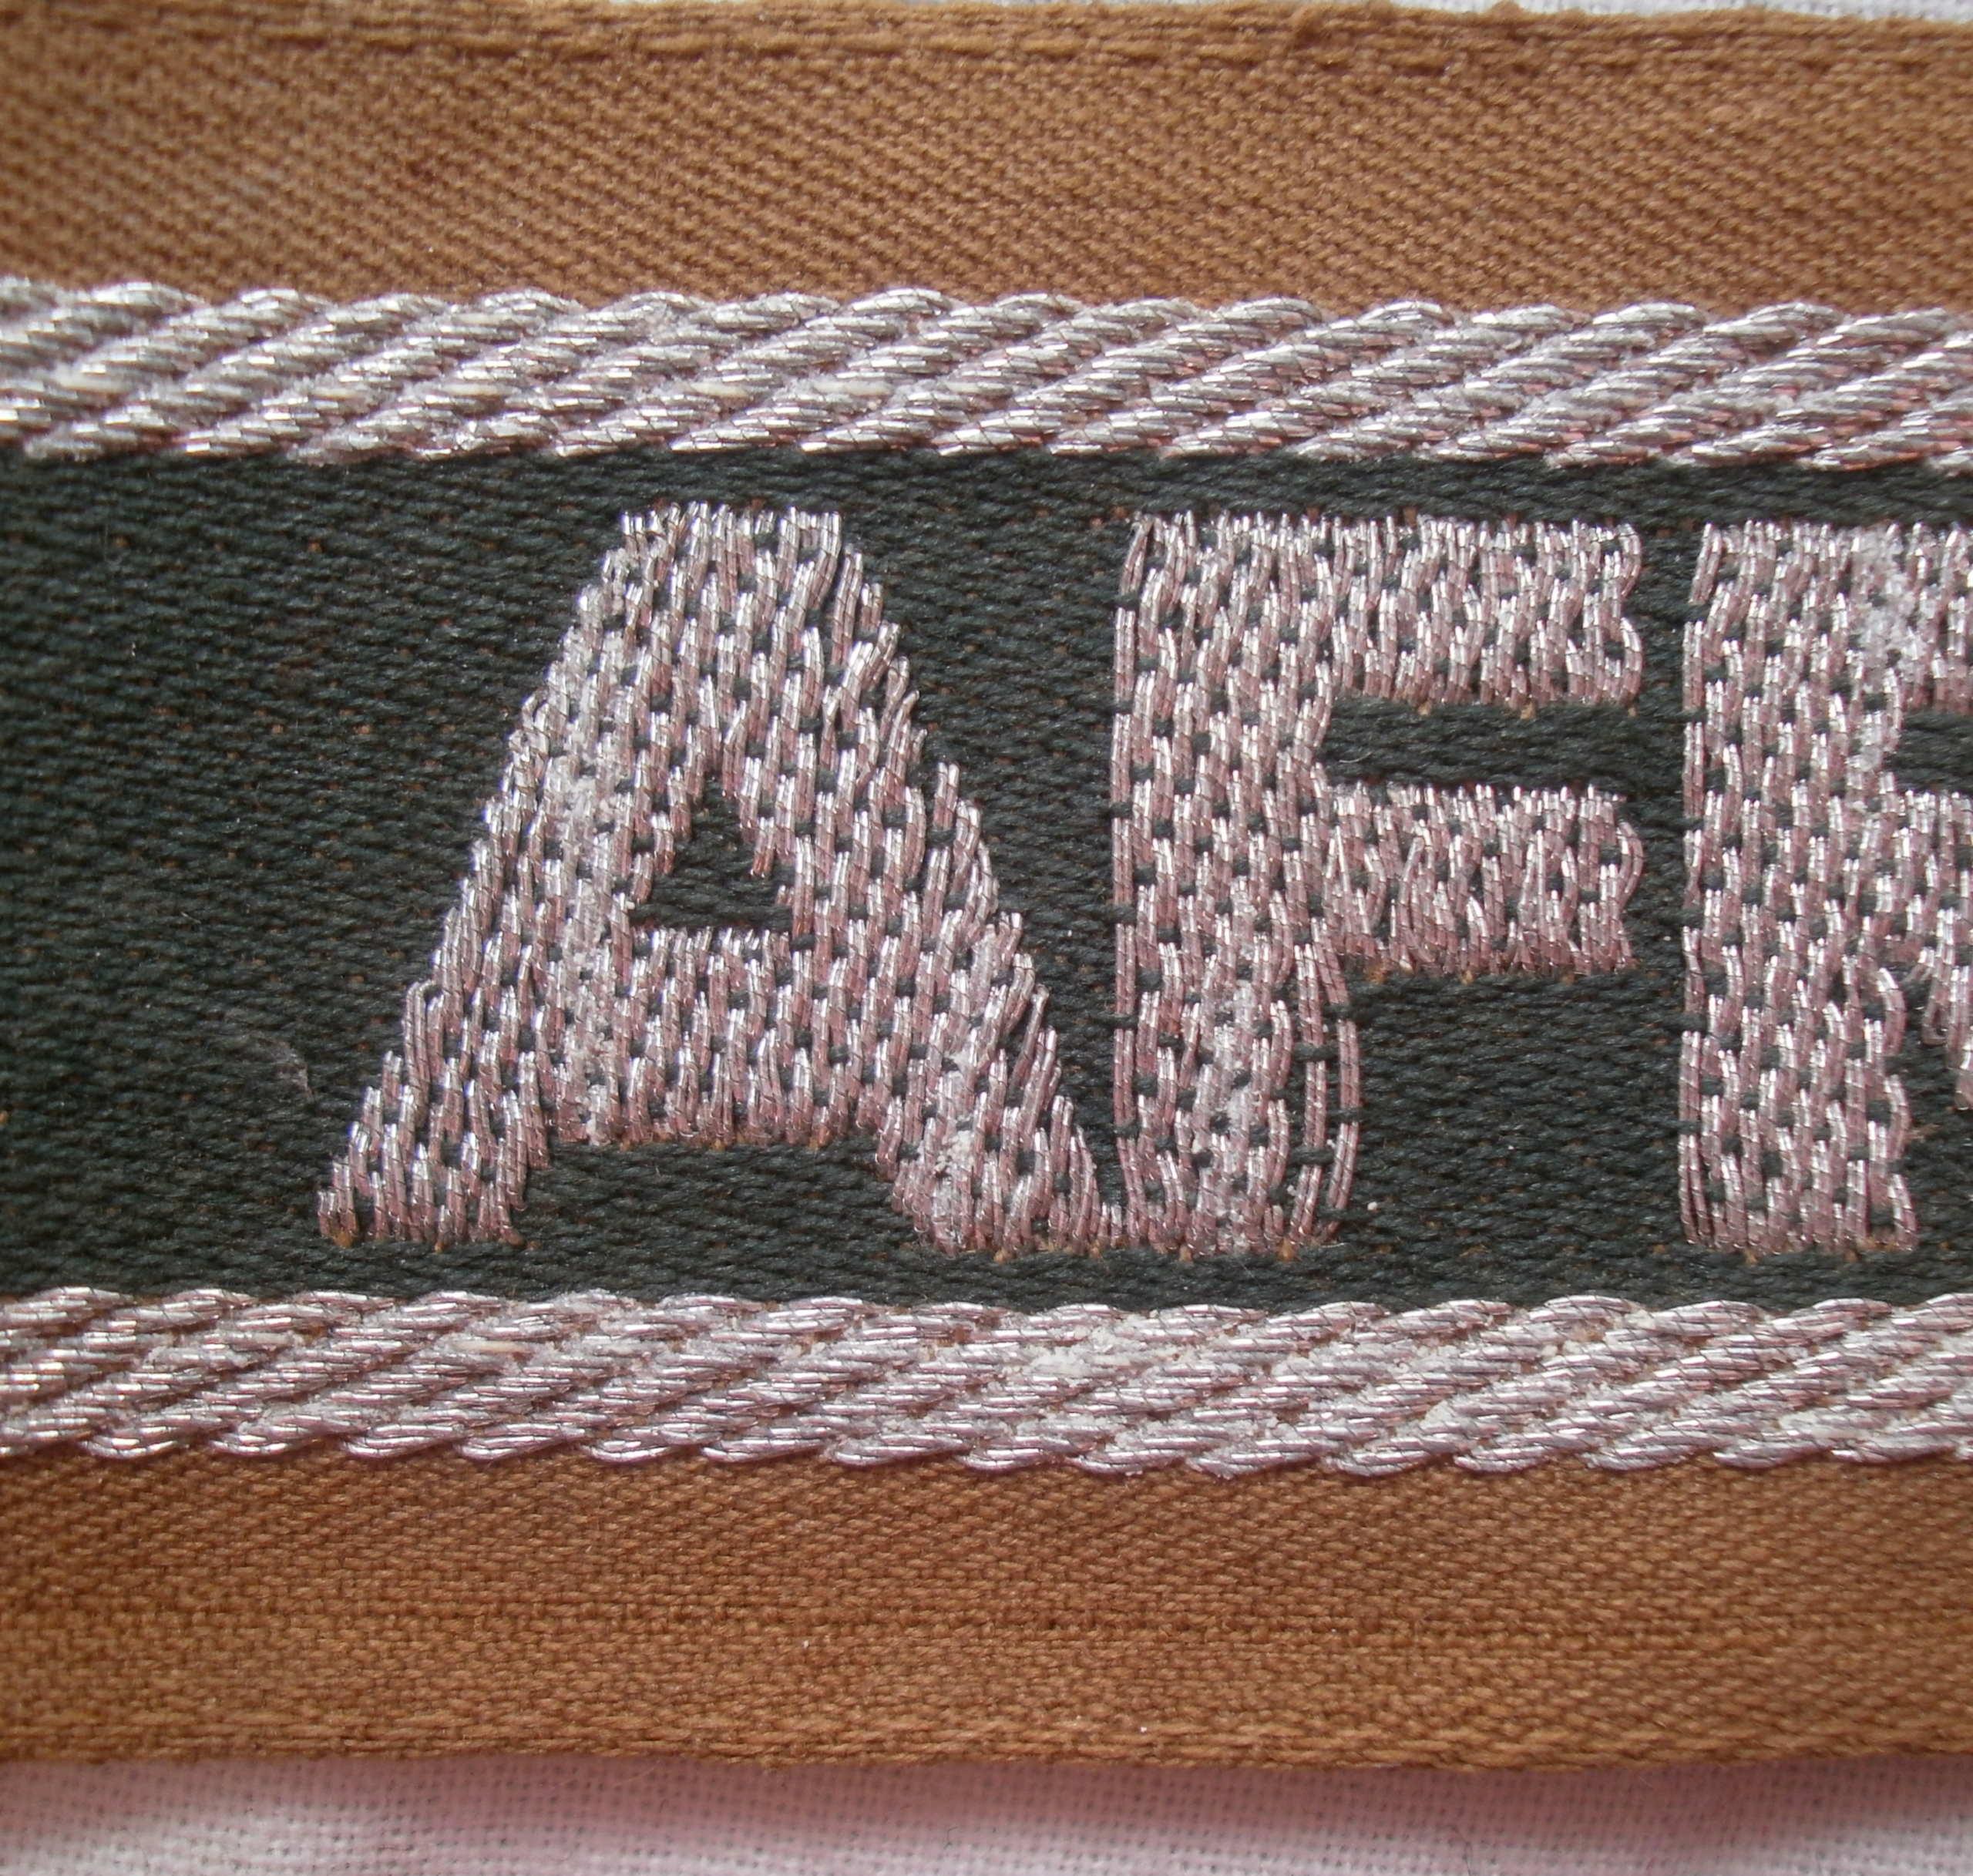 Bandes de bras sous-officier Feldgendarmerie / Afrikakorps. Authentification. P4232825